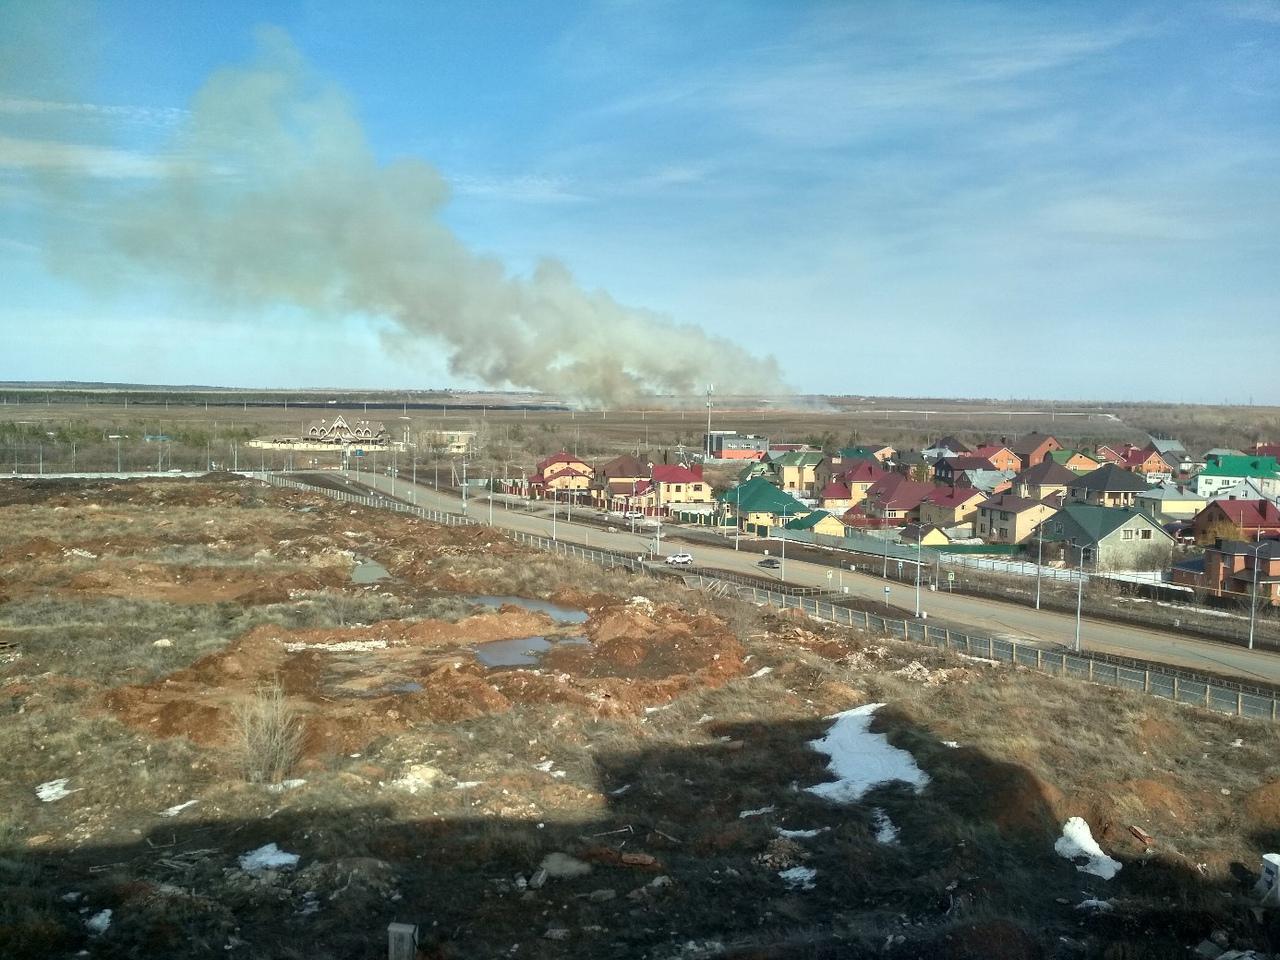 В Оренбурге за 19 микрорайоном горит сухая трава